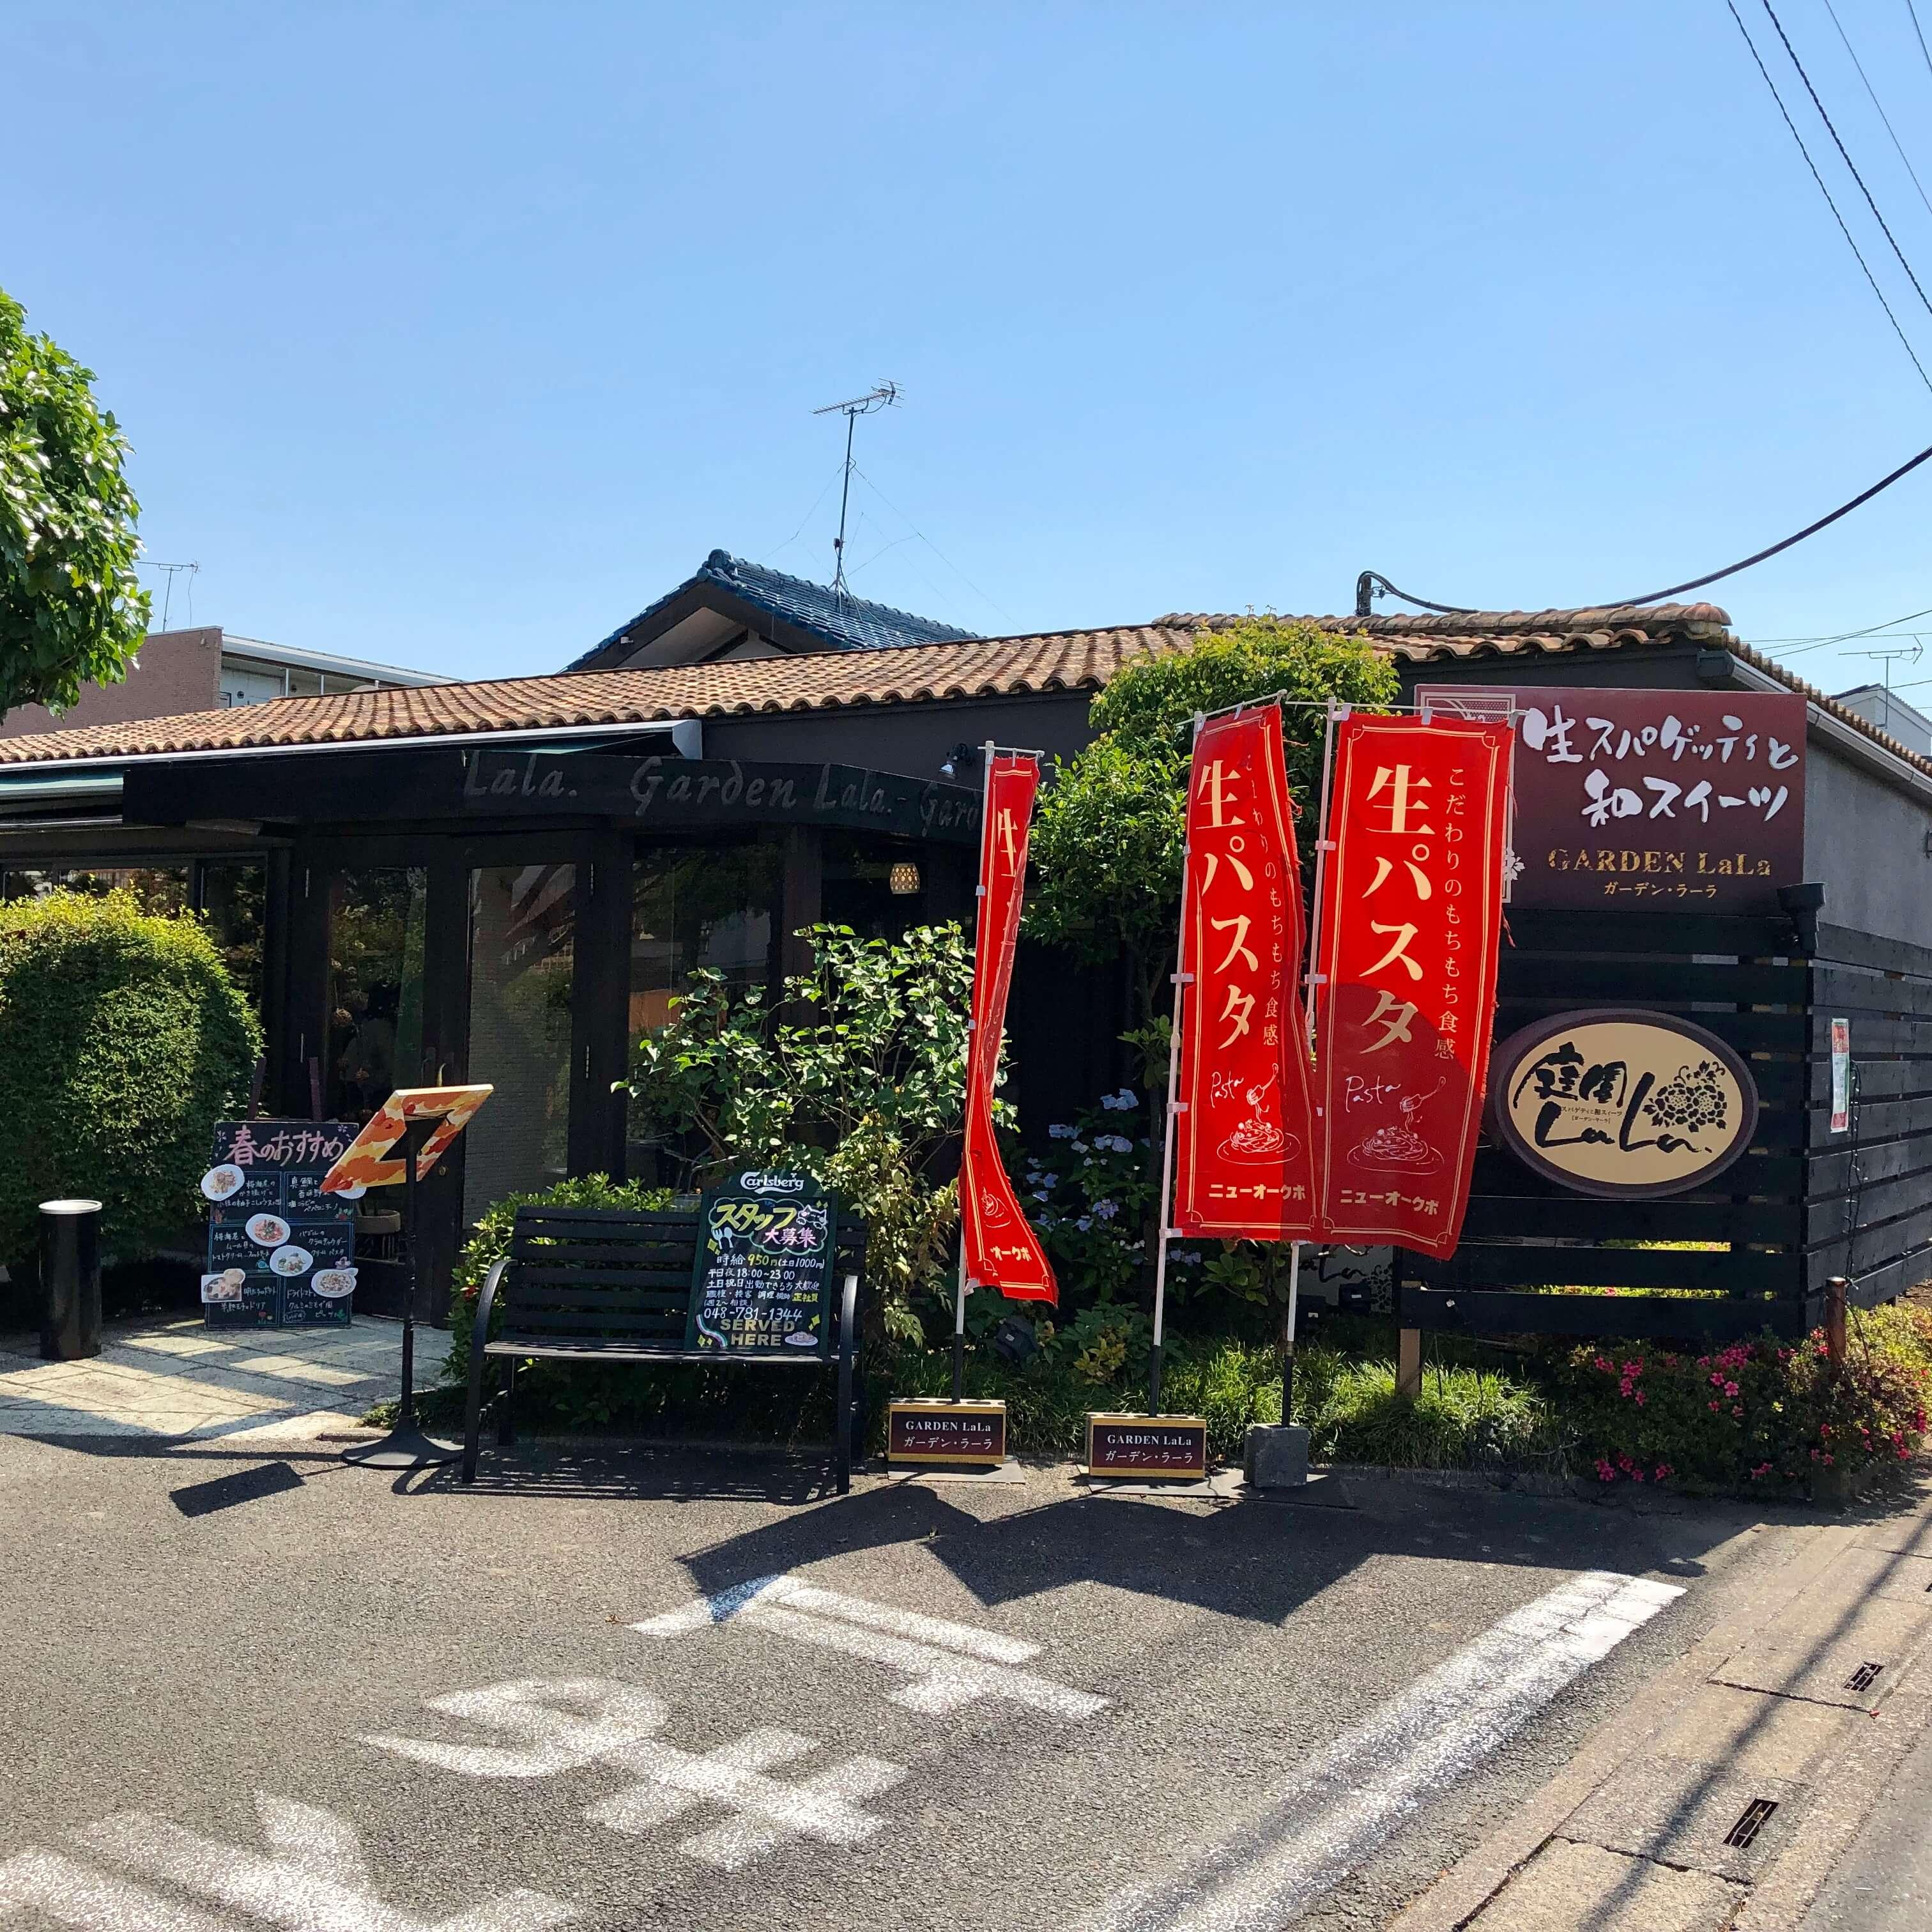 上尾・庭園LaLa 生パスタと和スイーツが美味しいイタリアンのランチタイムをレポ!